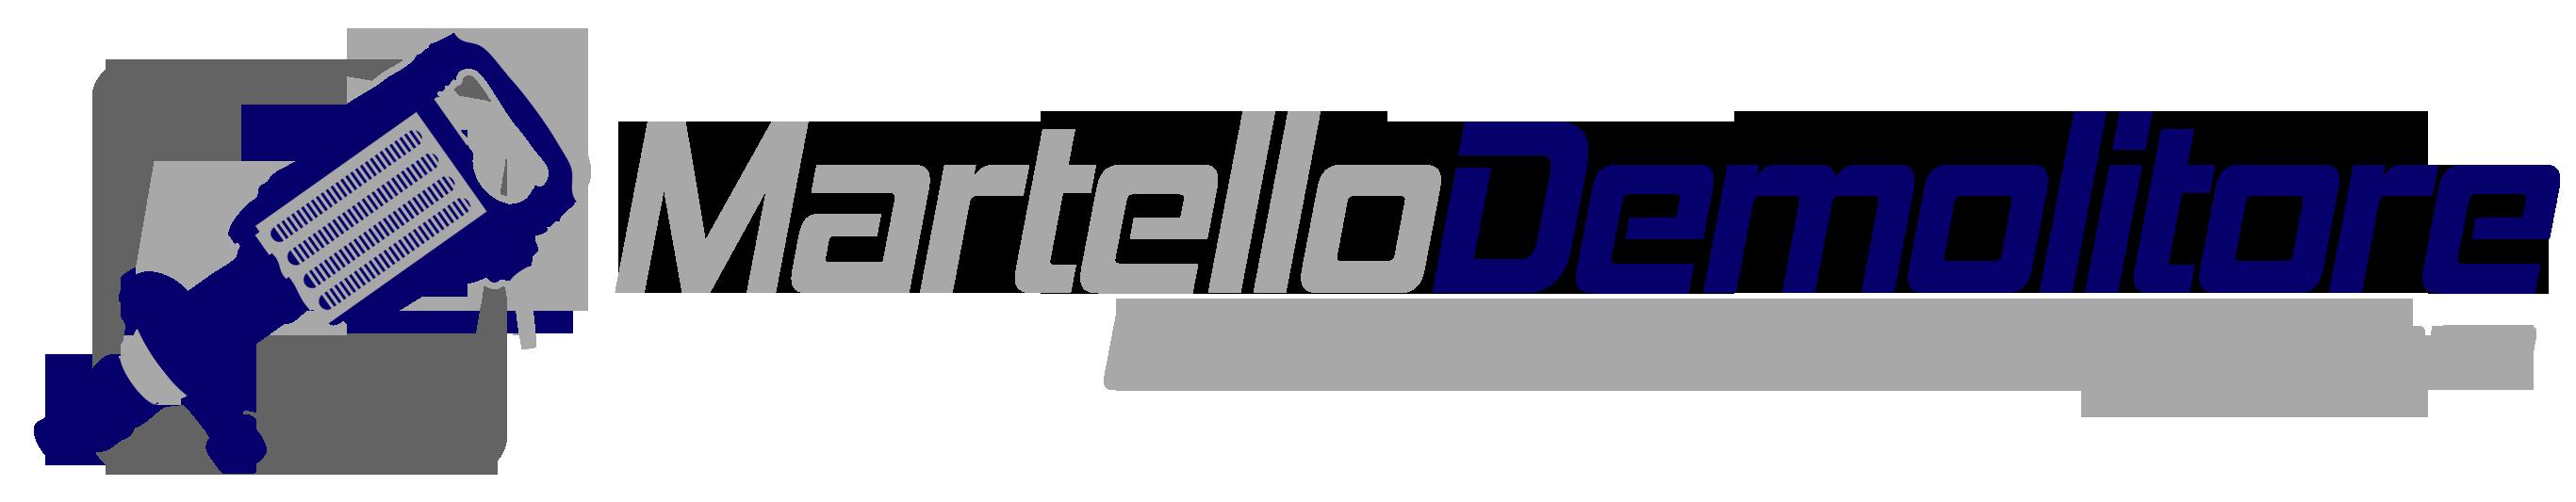 Martello Demolitore: guida per scegliere il migliore